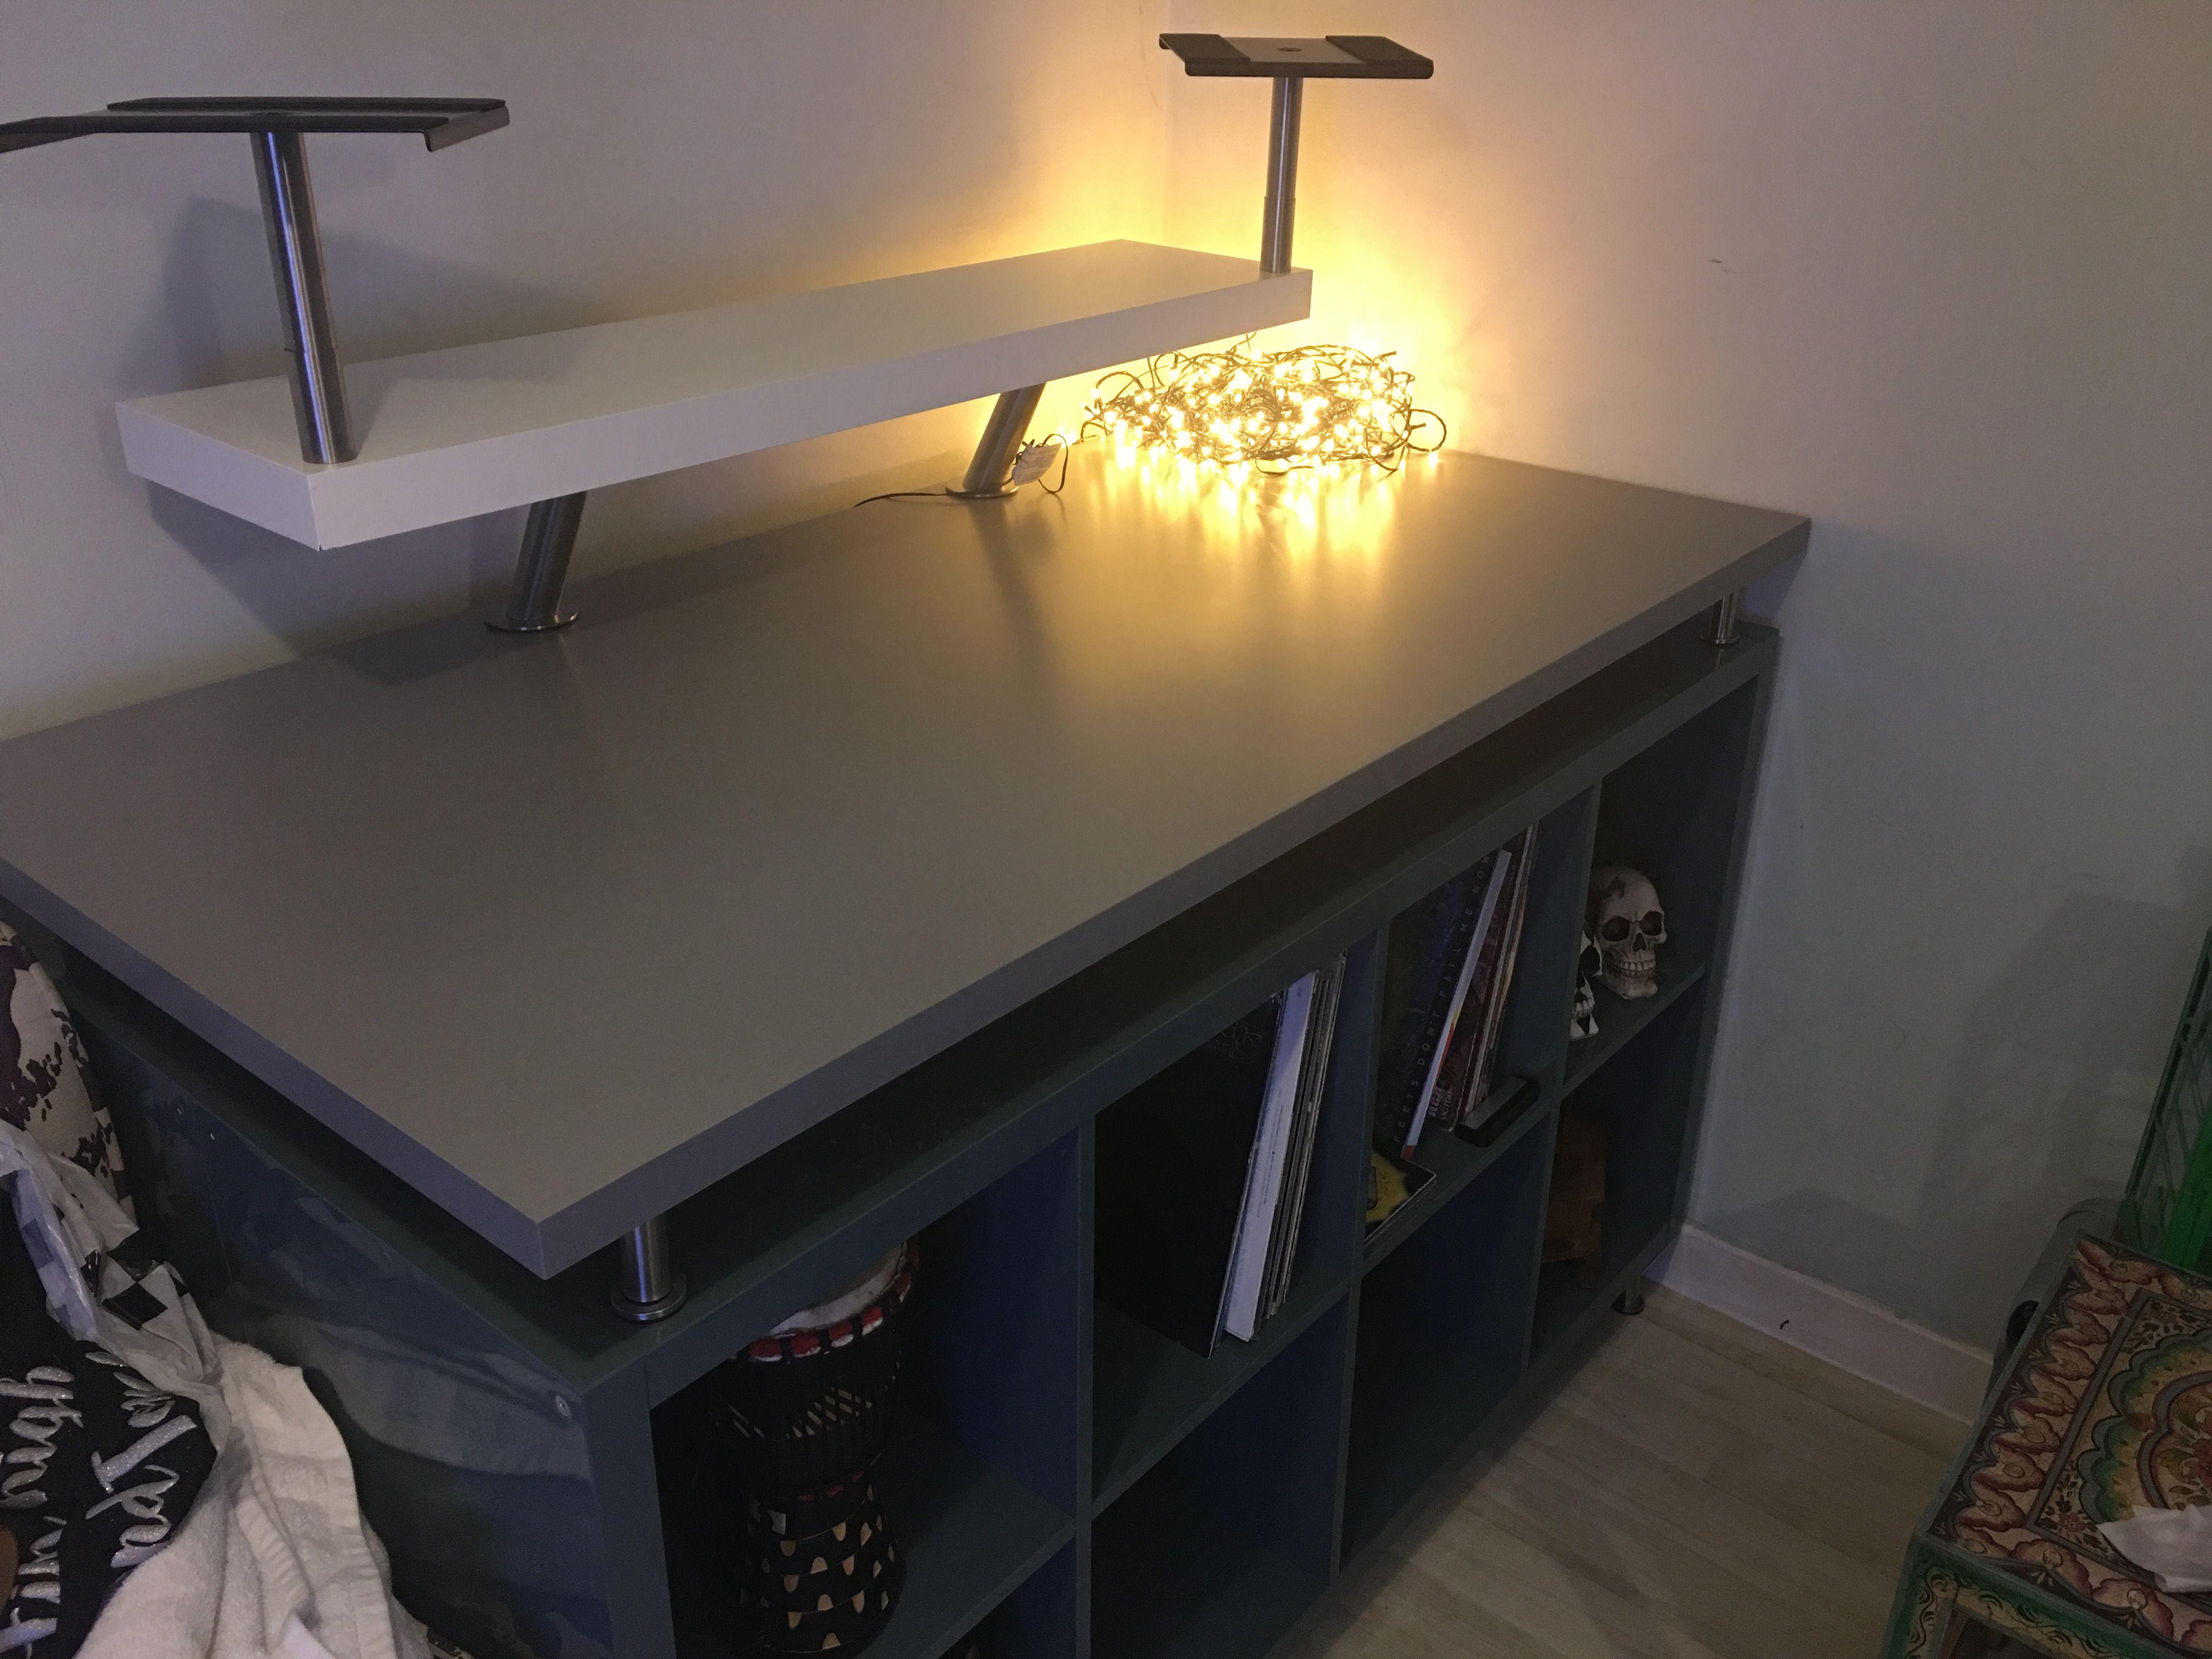 Ikea Kallax Dj Table Dj Room Dj Table Dj Equipment For Sale